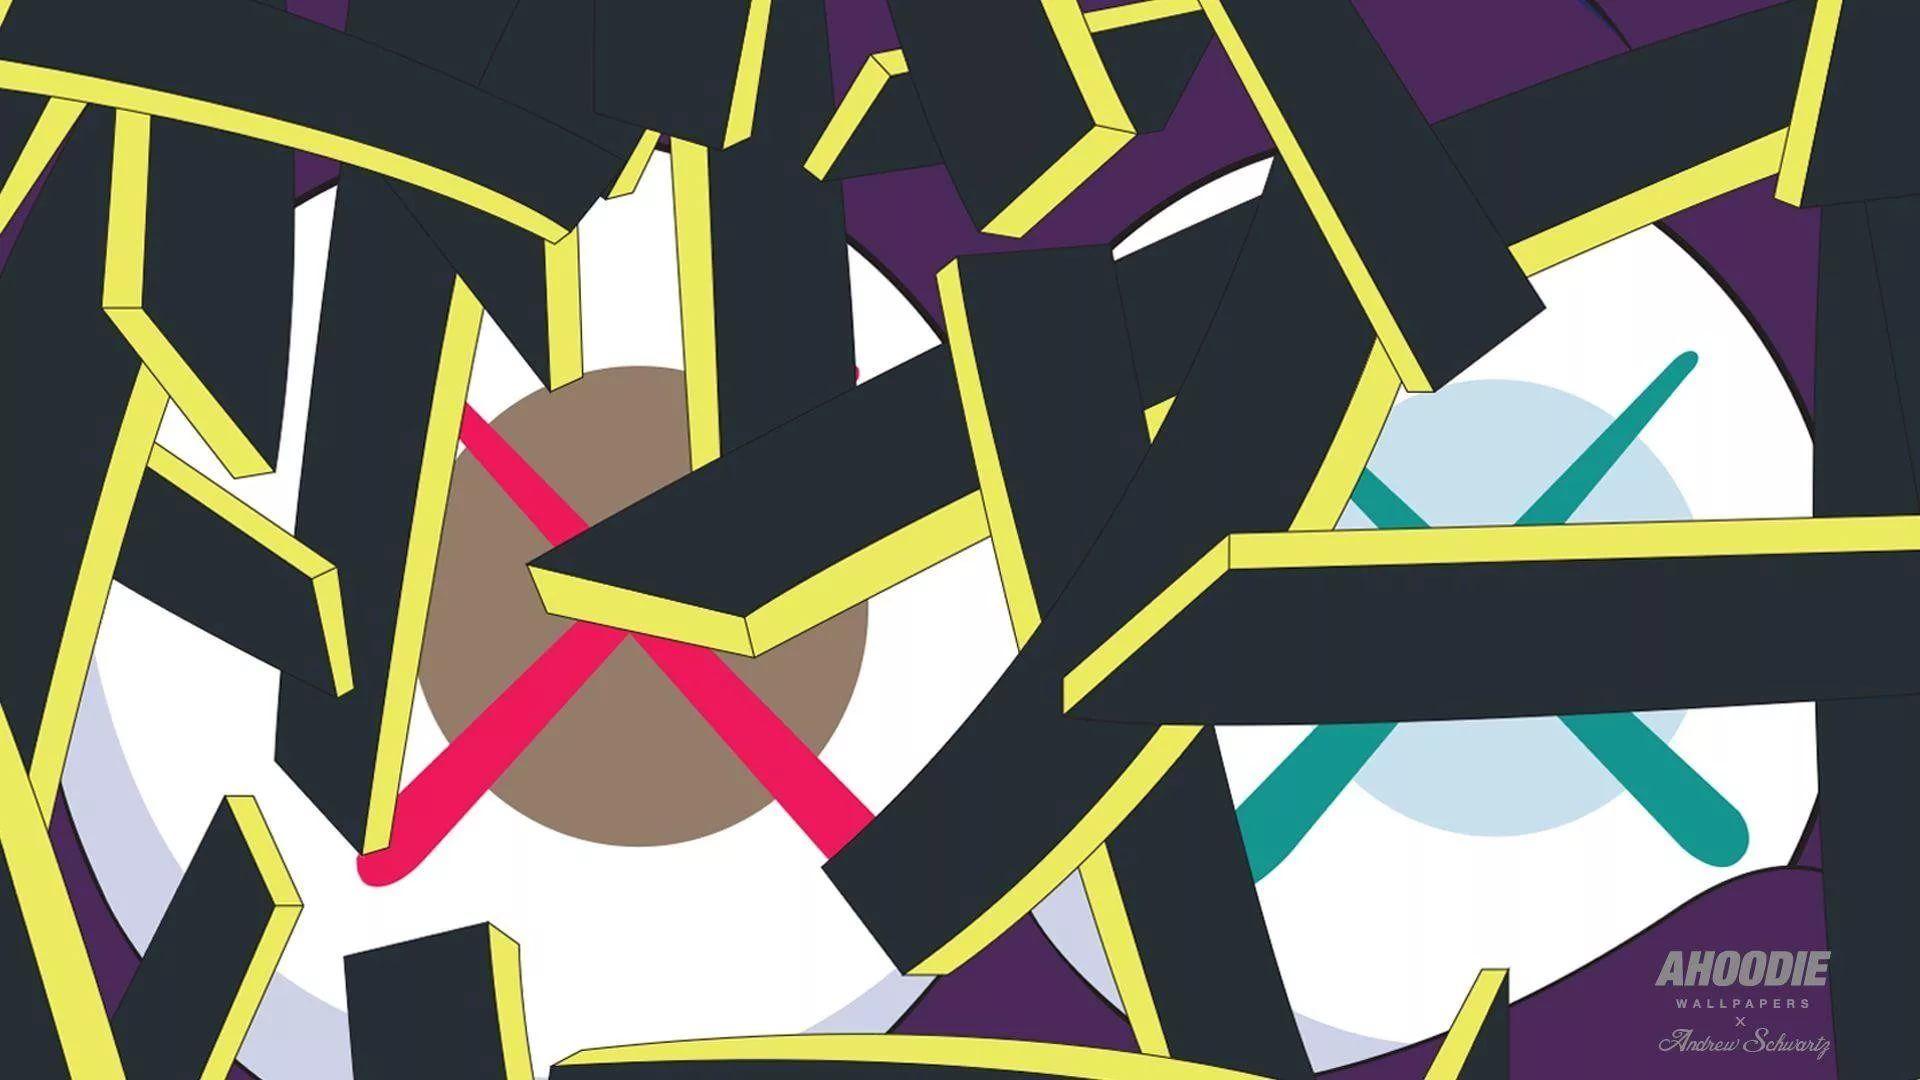 Kaws wallpaper photo hd